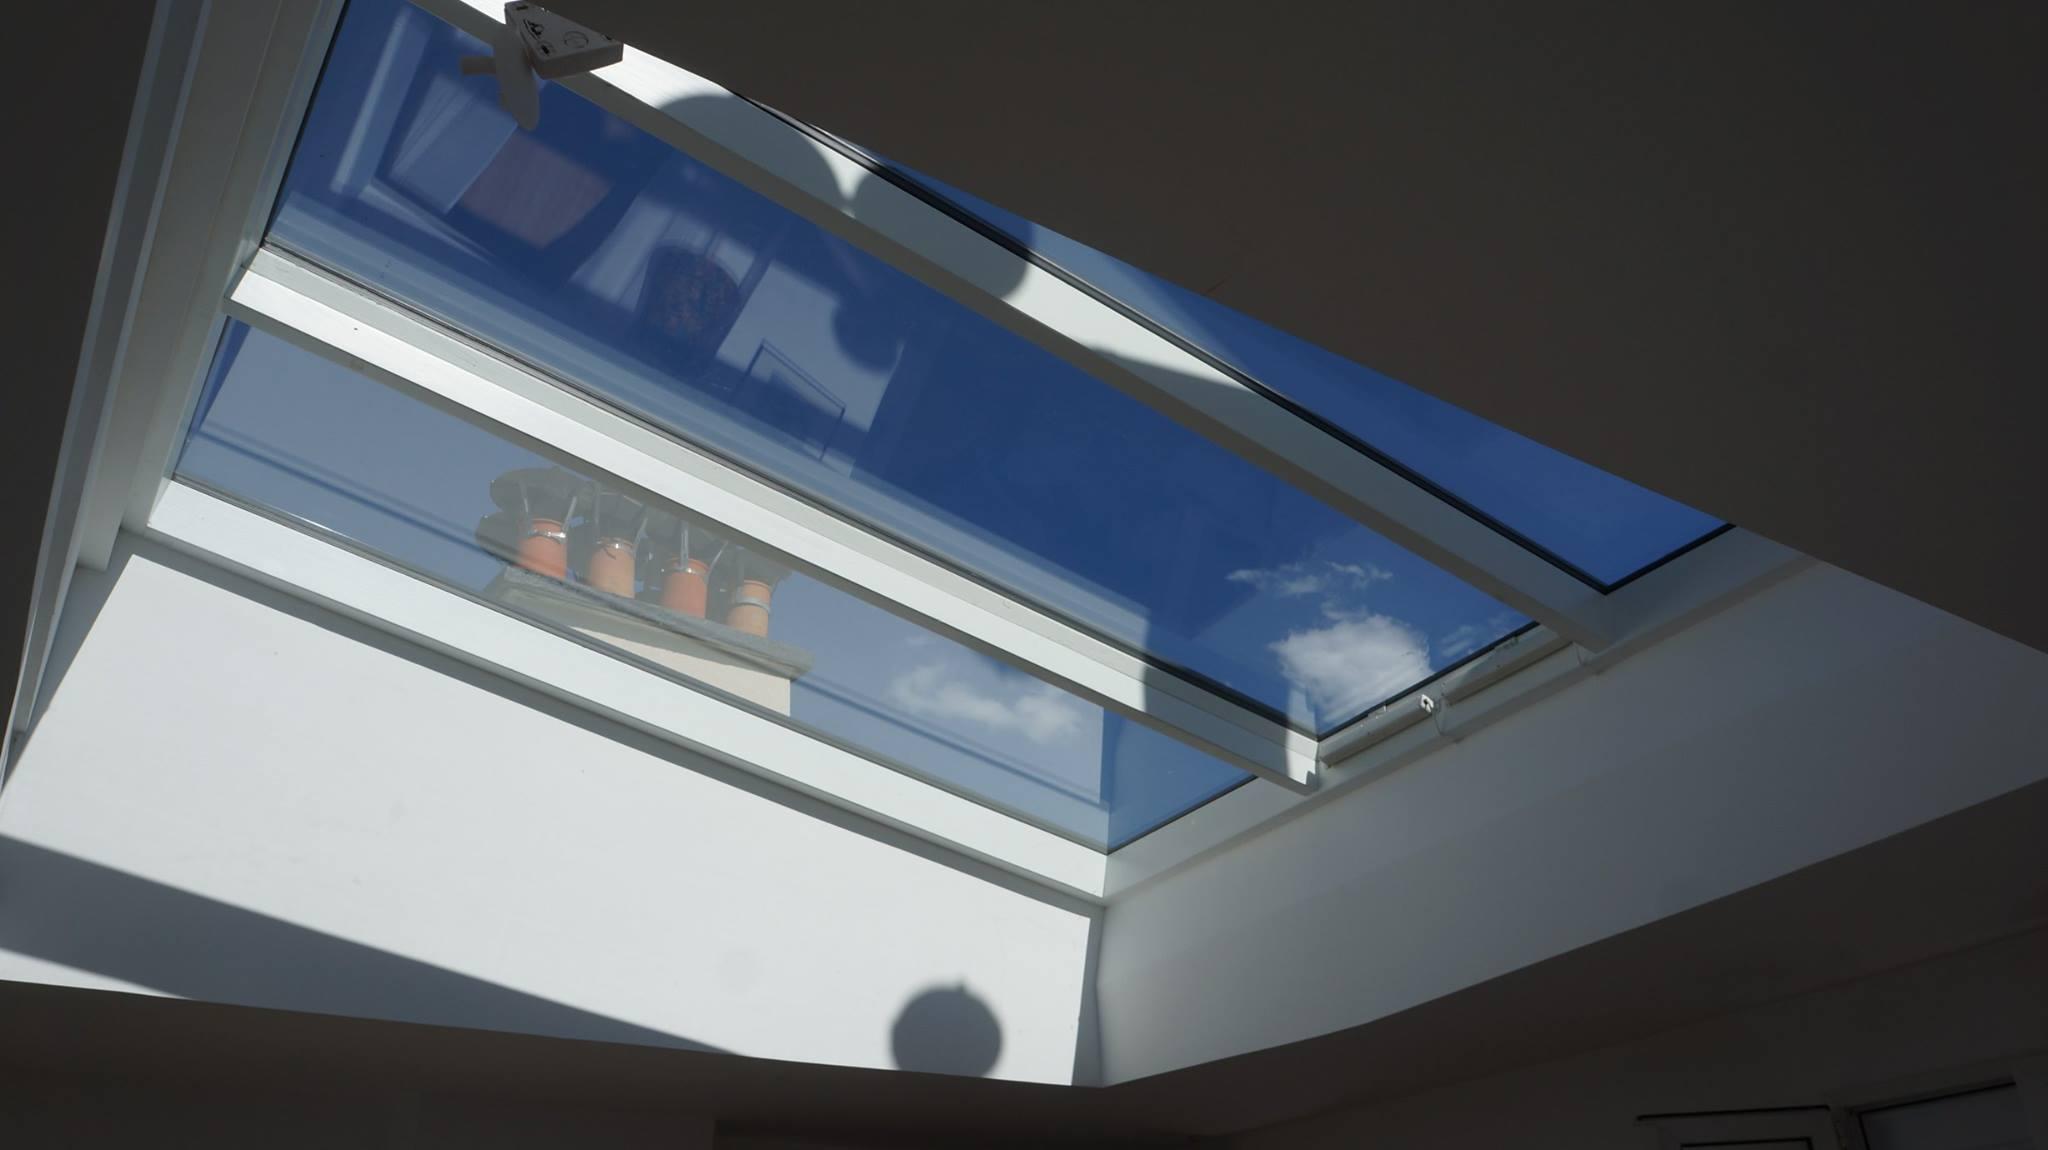 Verrière Elyos sur toit pente en zinc - Angle de vue intérieur